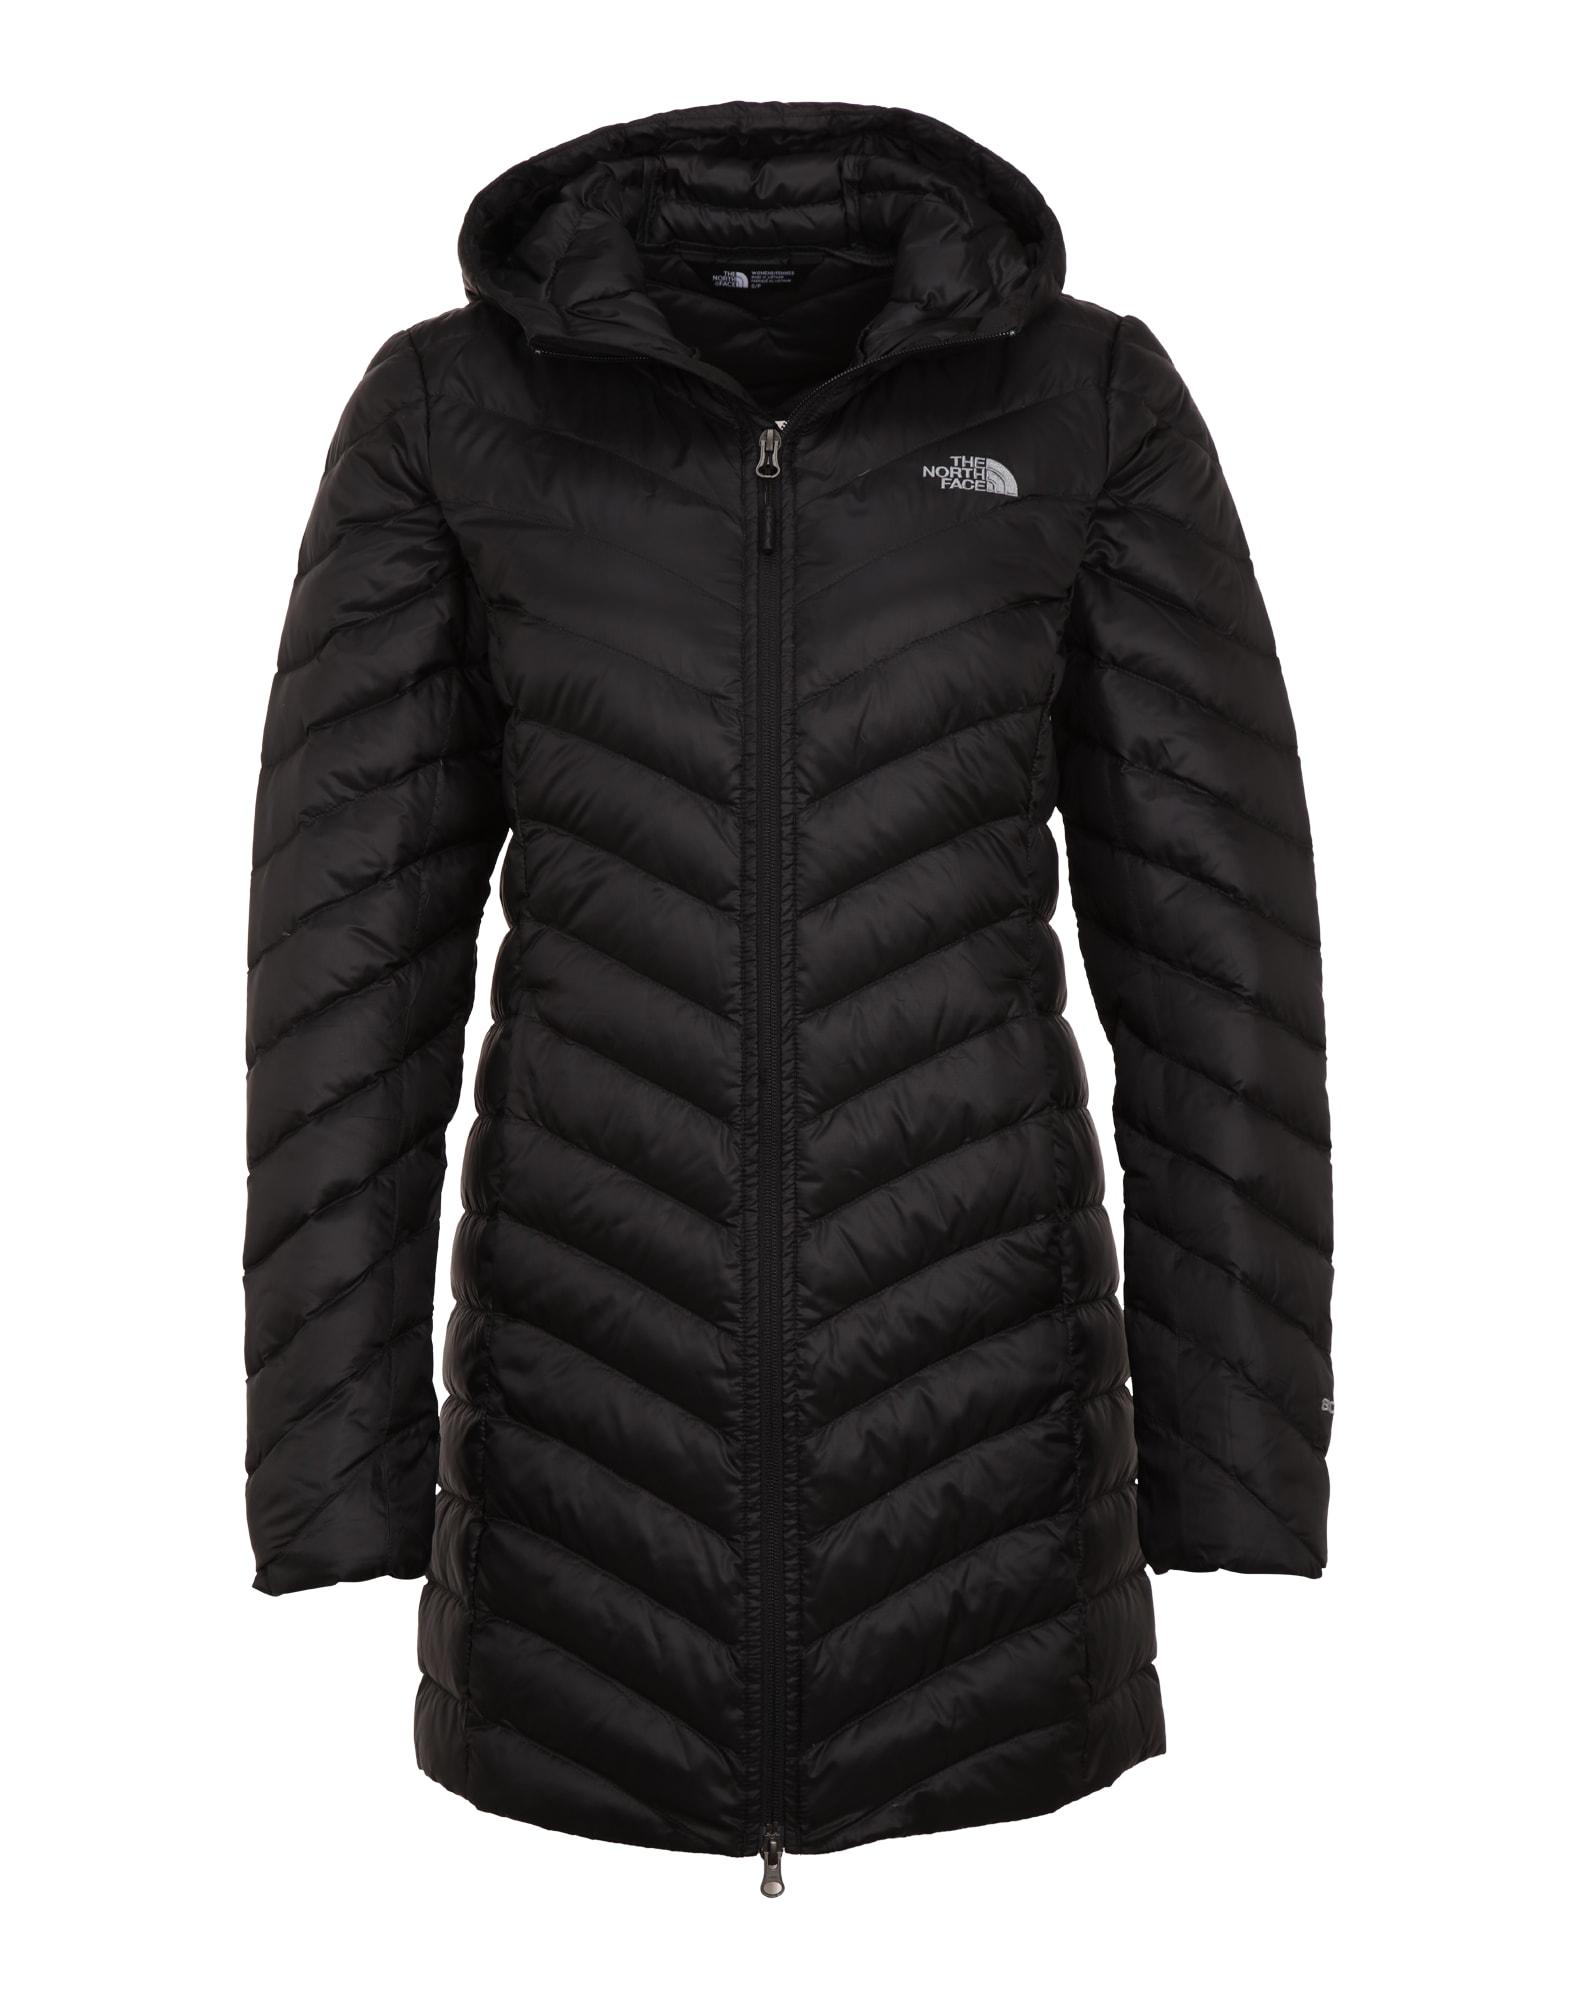 Outdoorový kabát Trevail černá THE NORTH FACE